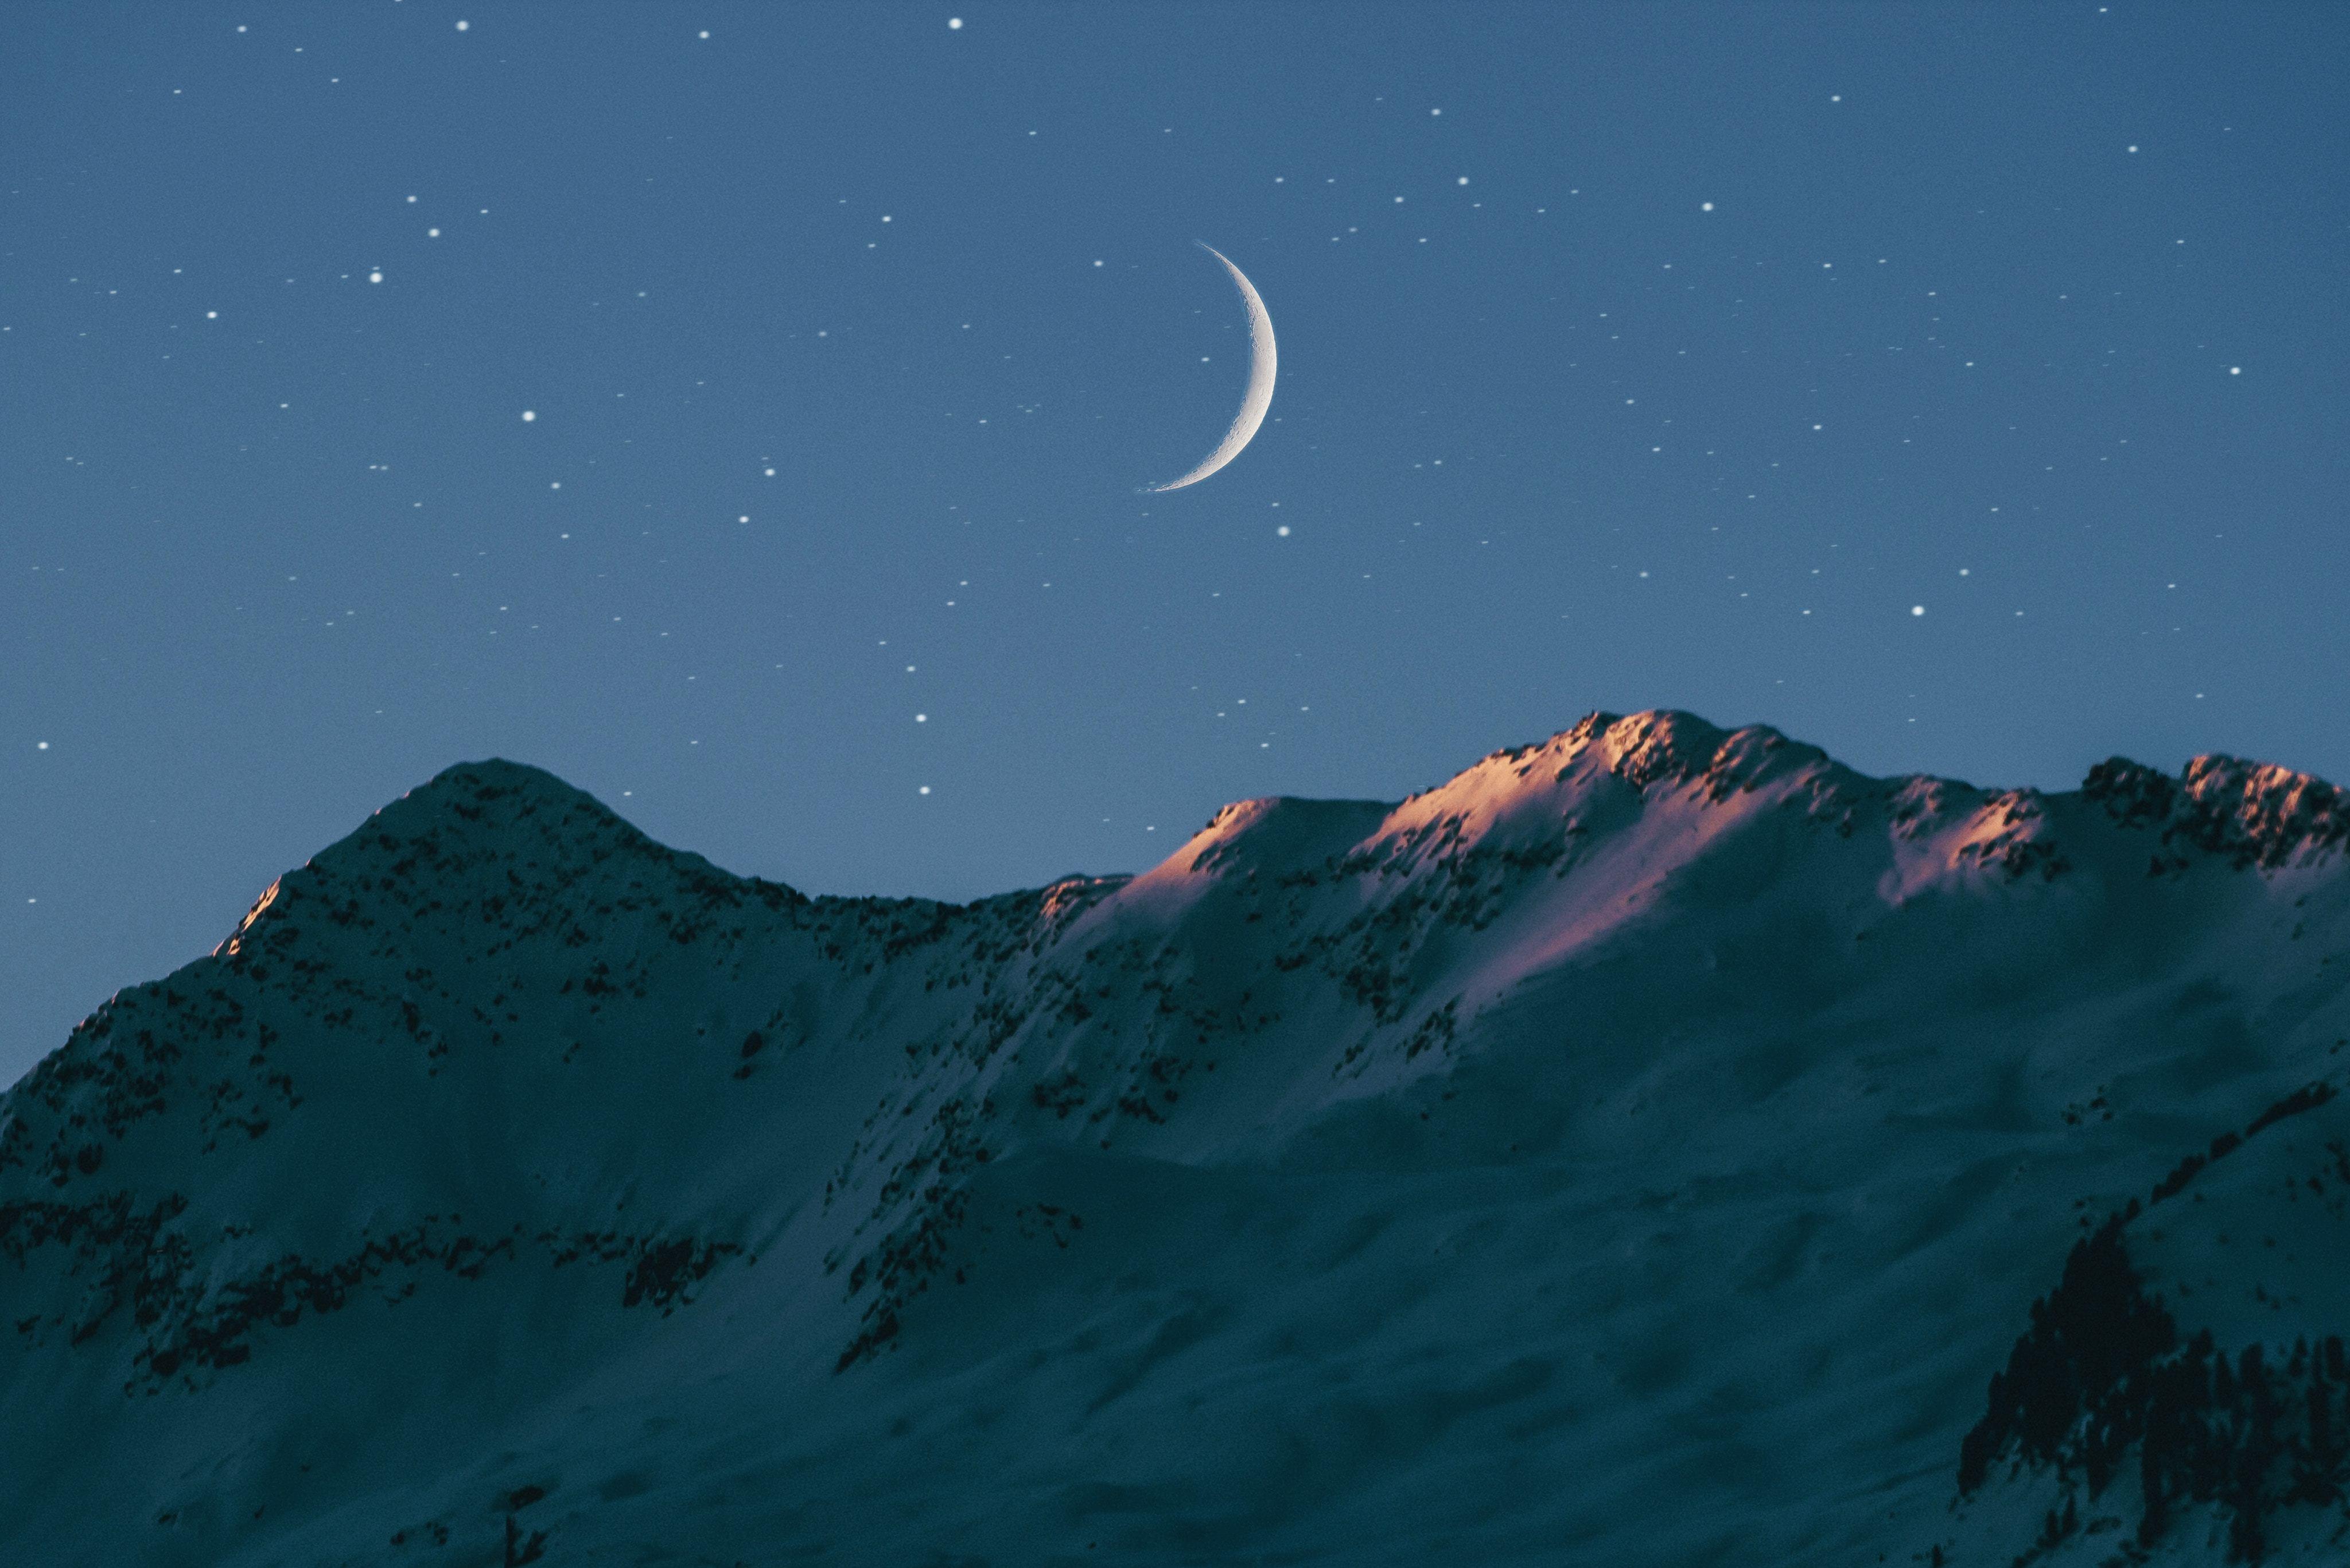 De invloed van het ritme van de maan op jou en mij